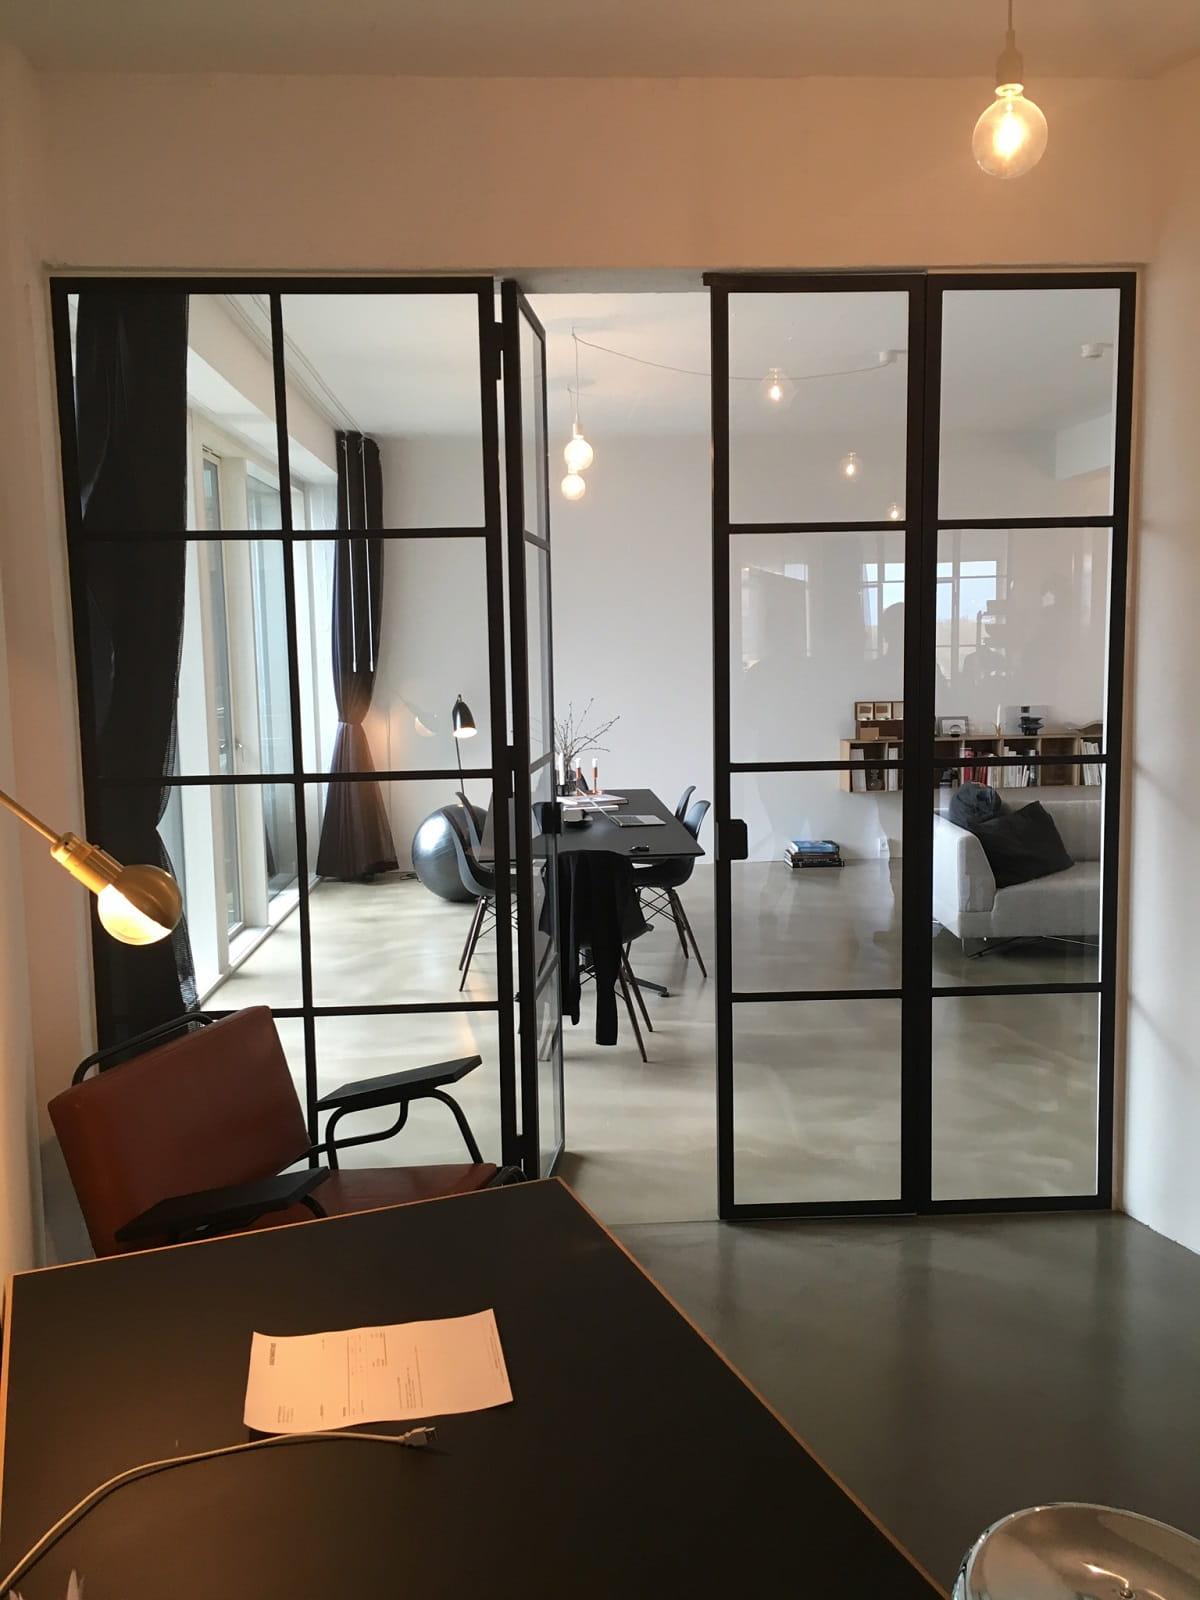 glasvaeg-glasvæg-new yorker væg-skillevæg-glasvæg kontor